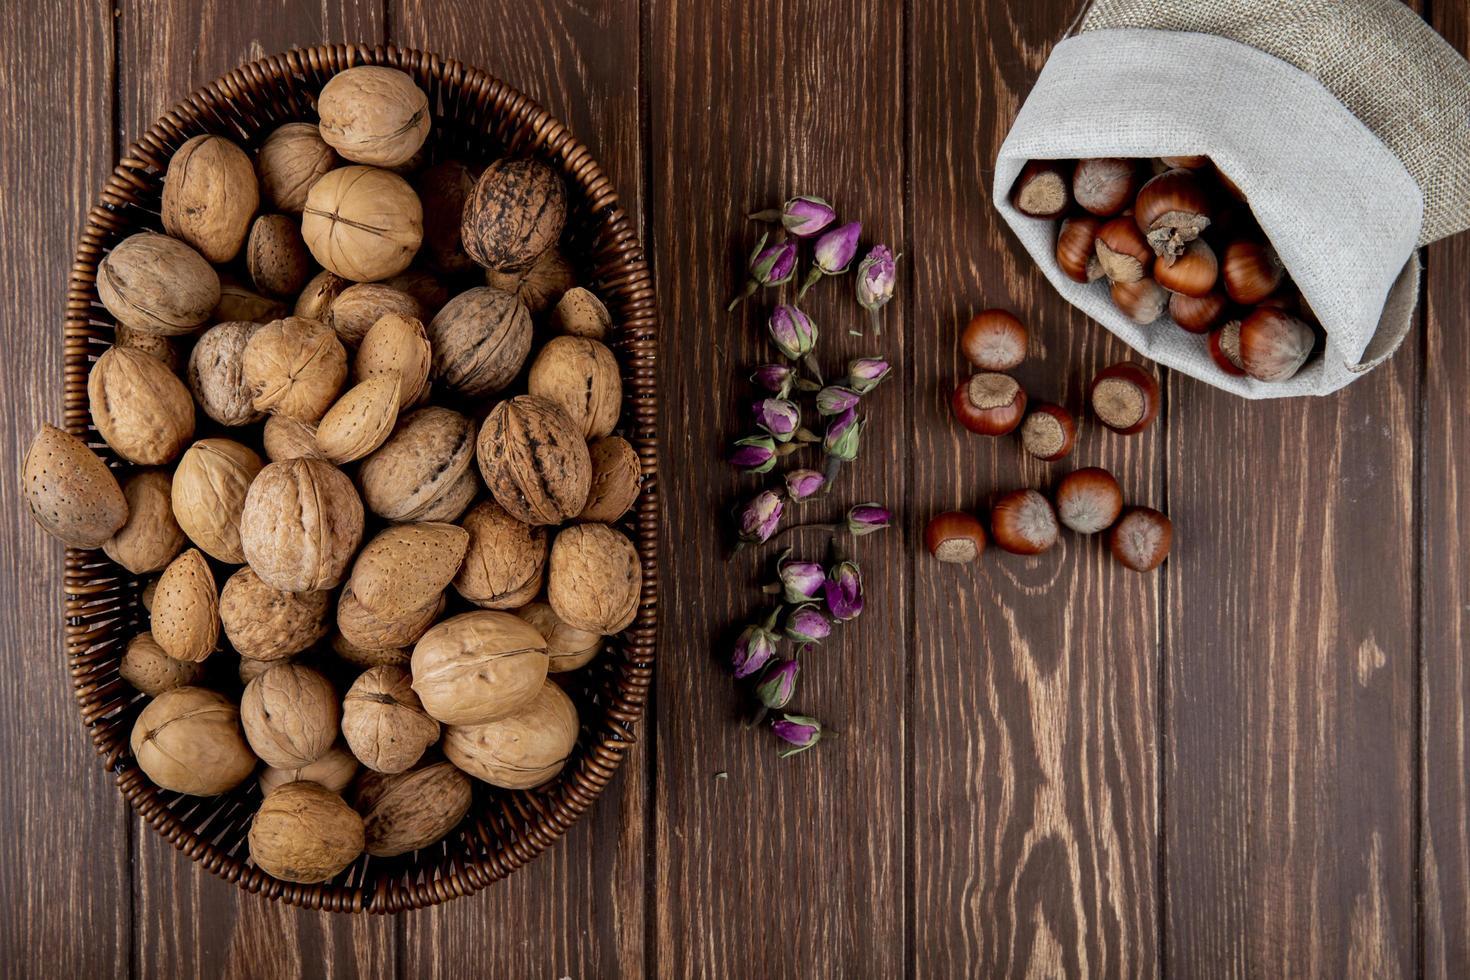 Vue de dessus de noix entières dans un panier en osier et noisettes éparpillées à partir d'un sac sur fond de bois photo